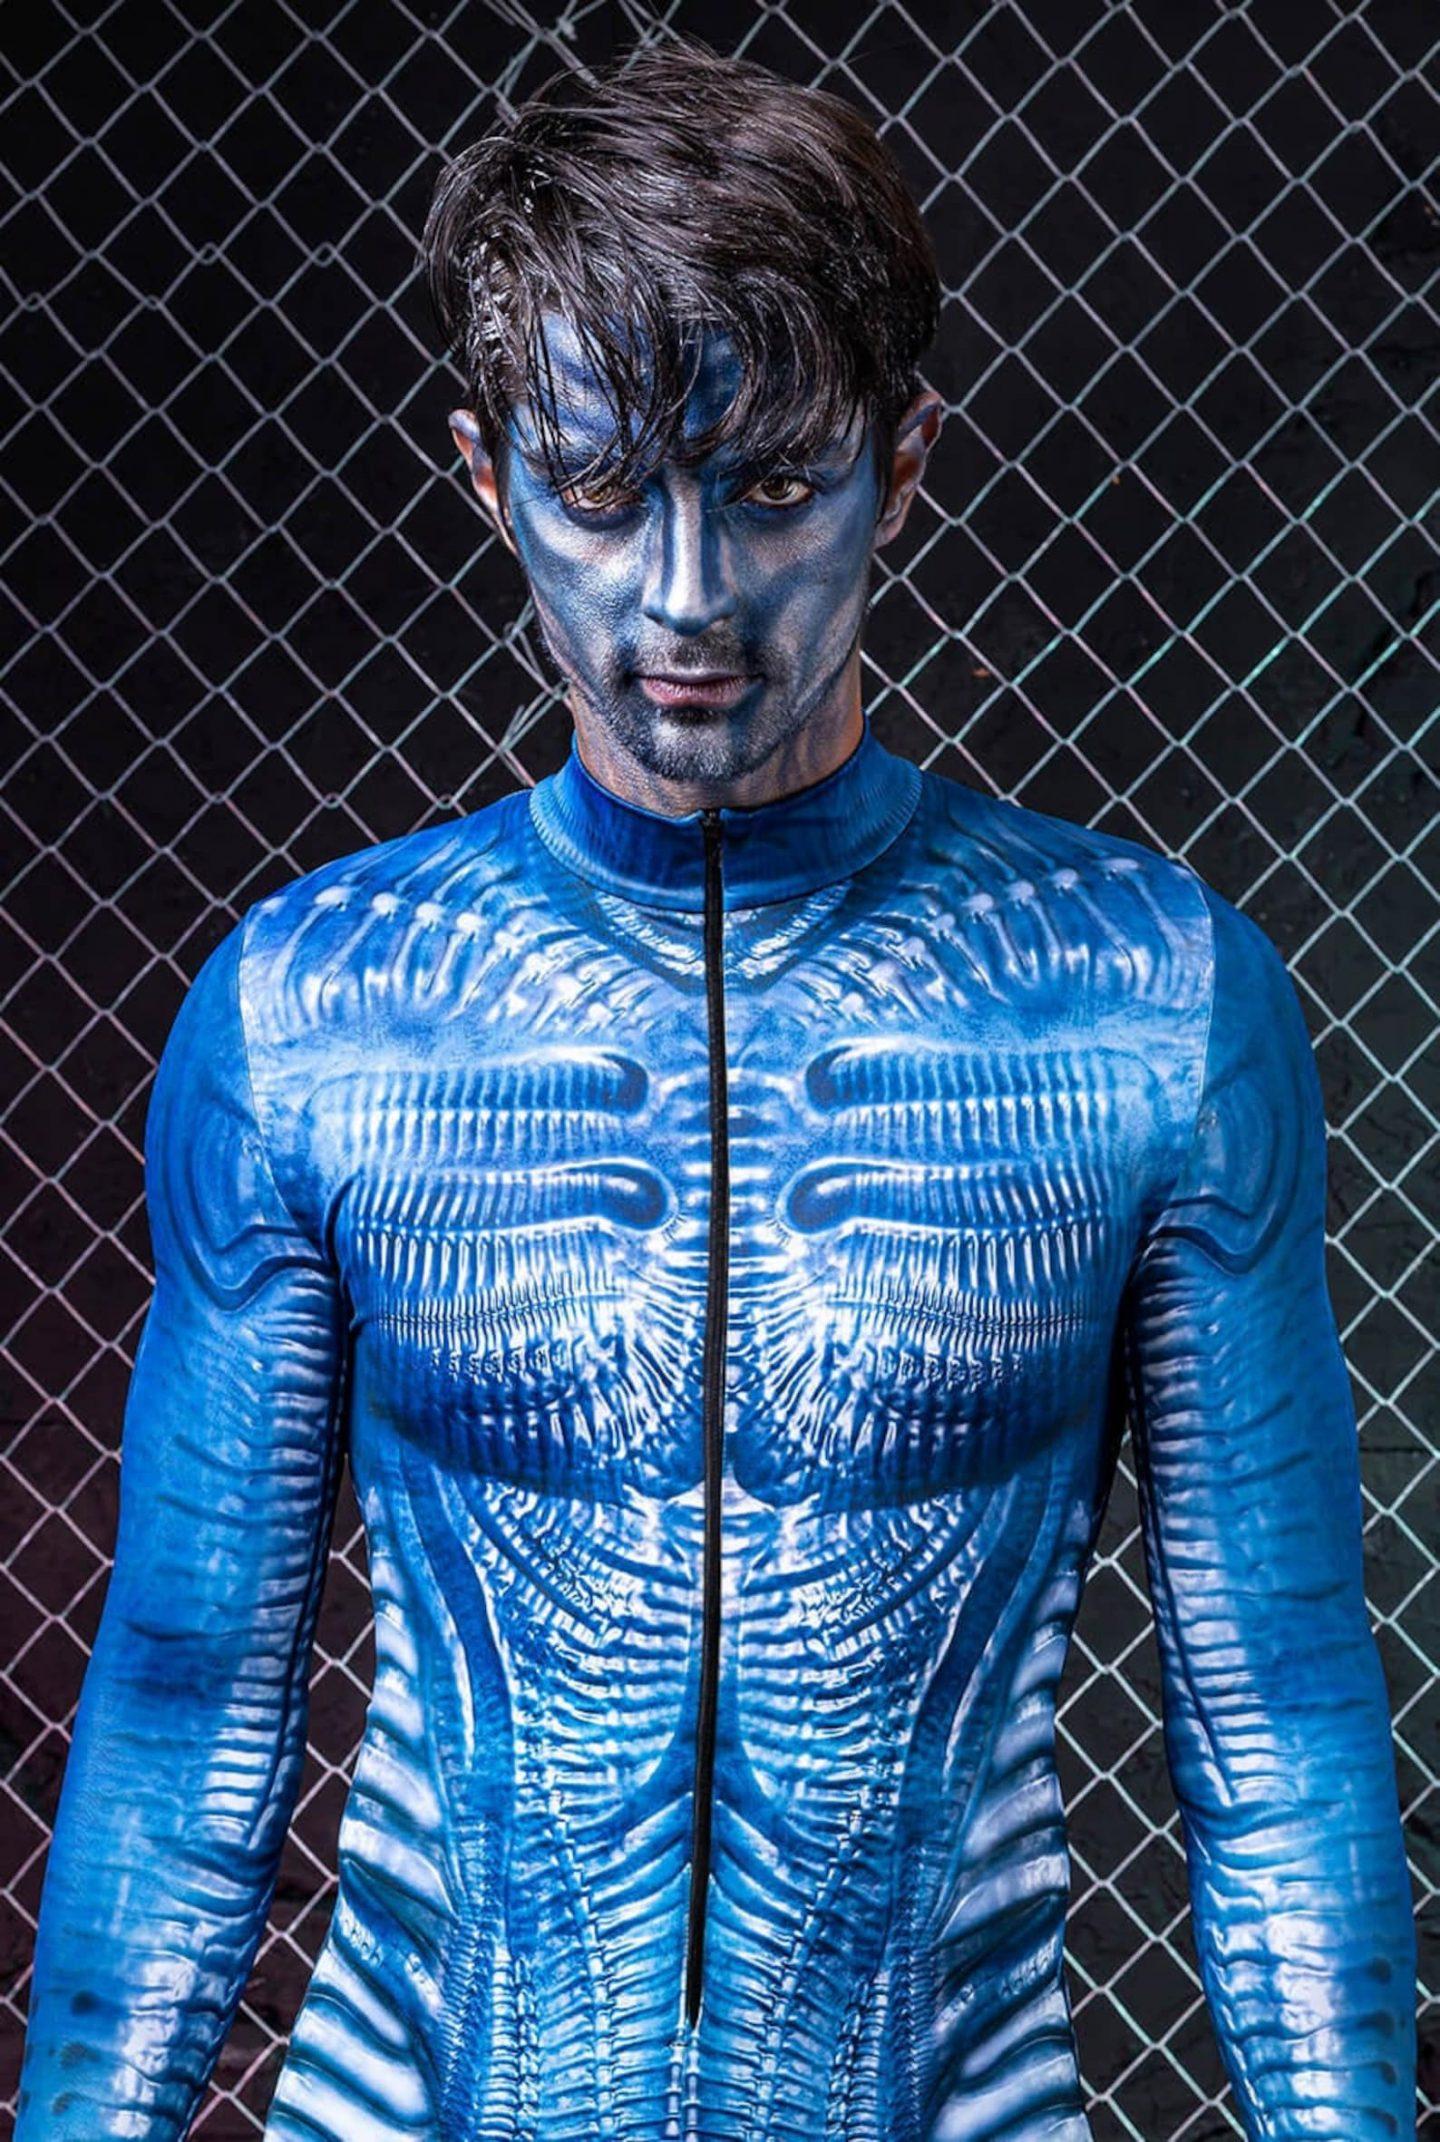 Blue sci-fi alien Halloween costume for men